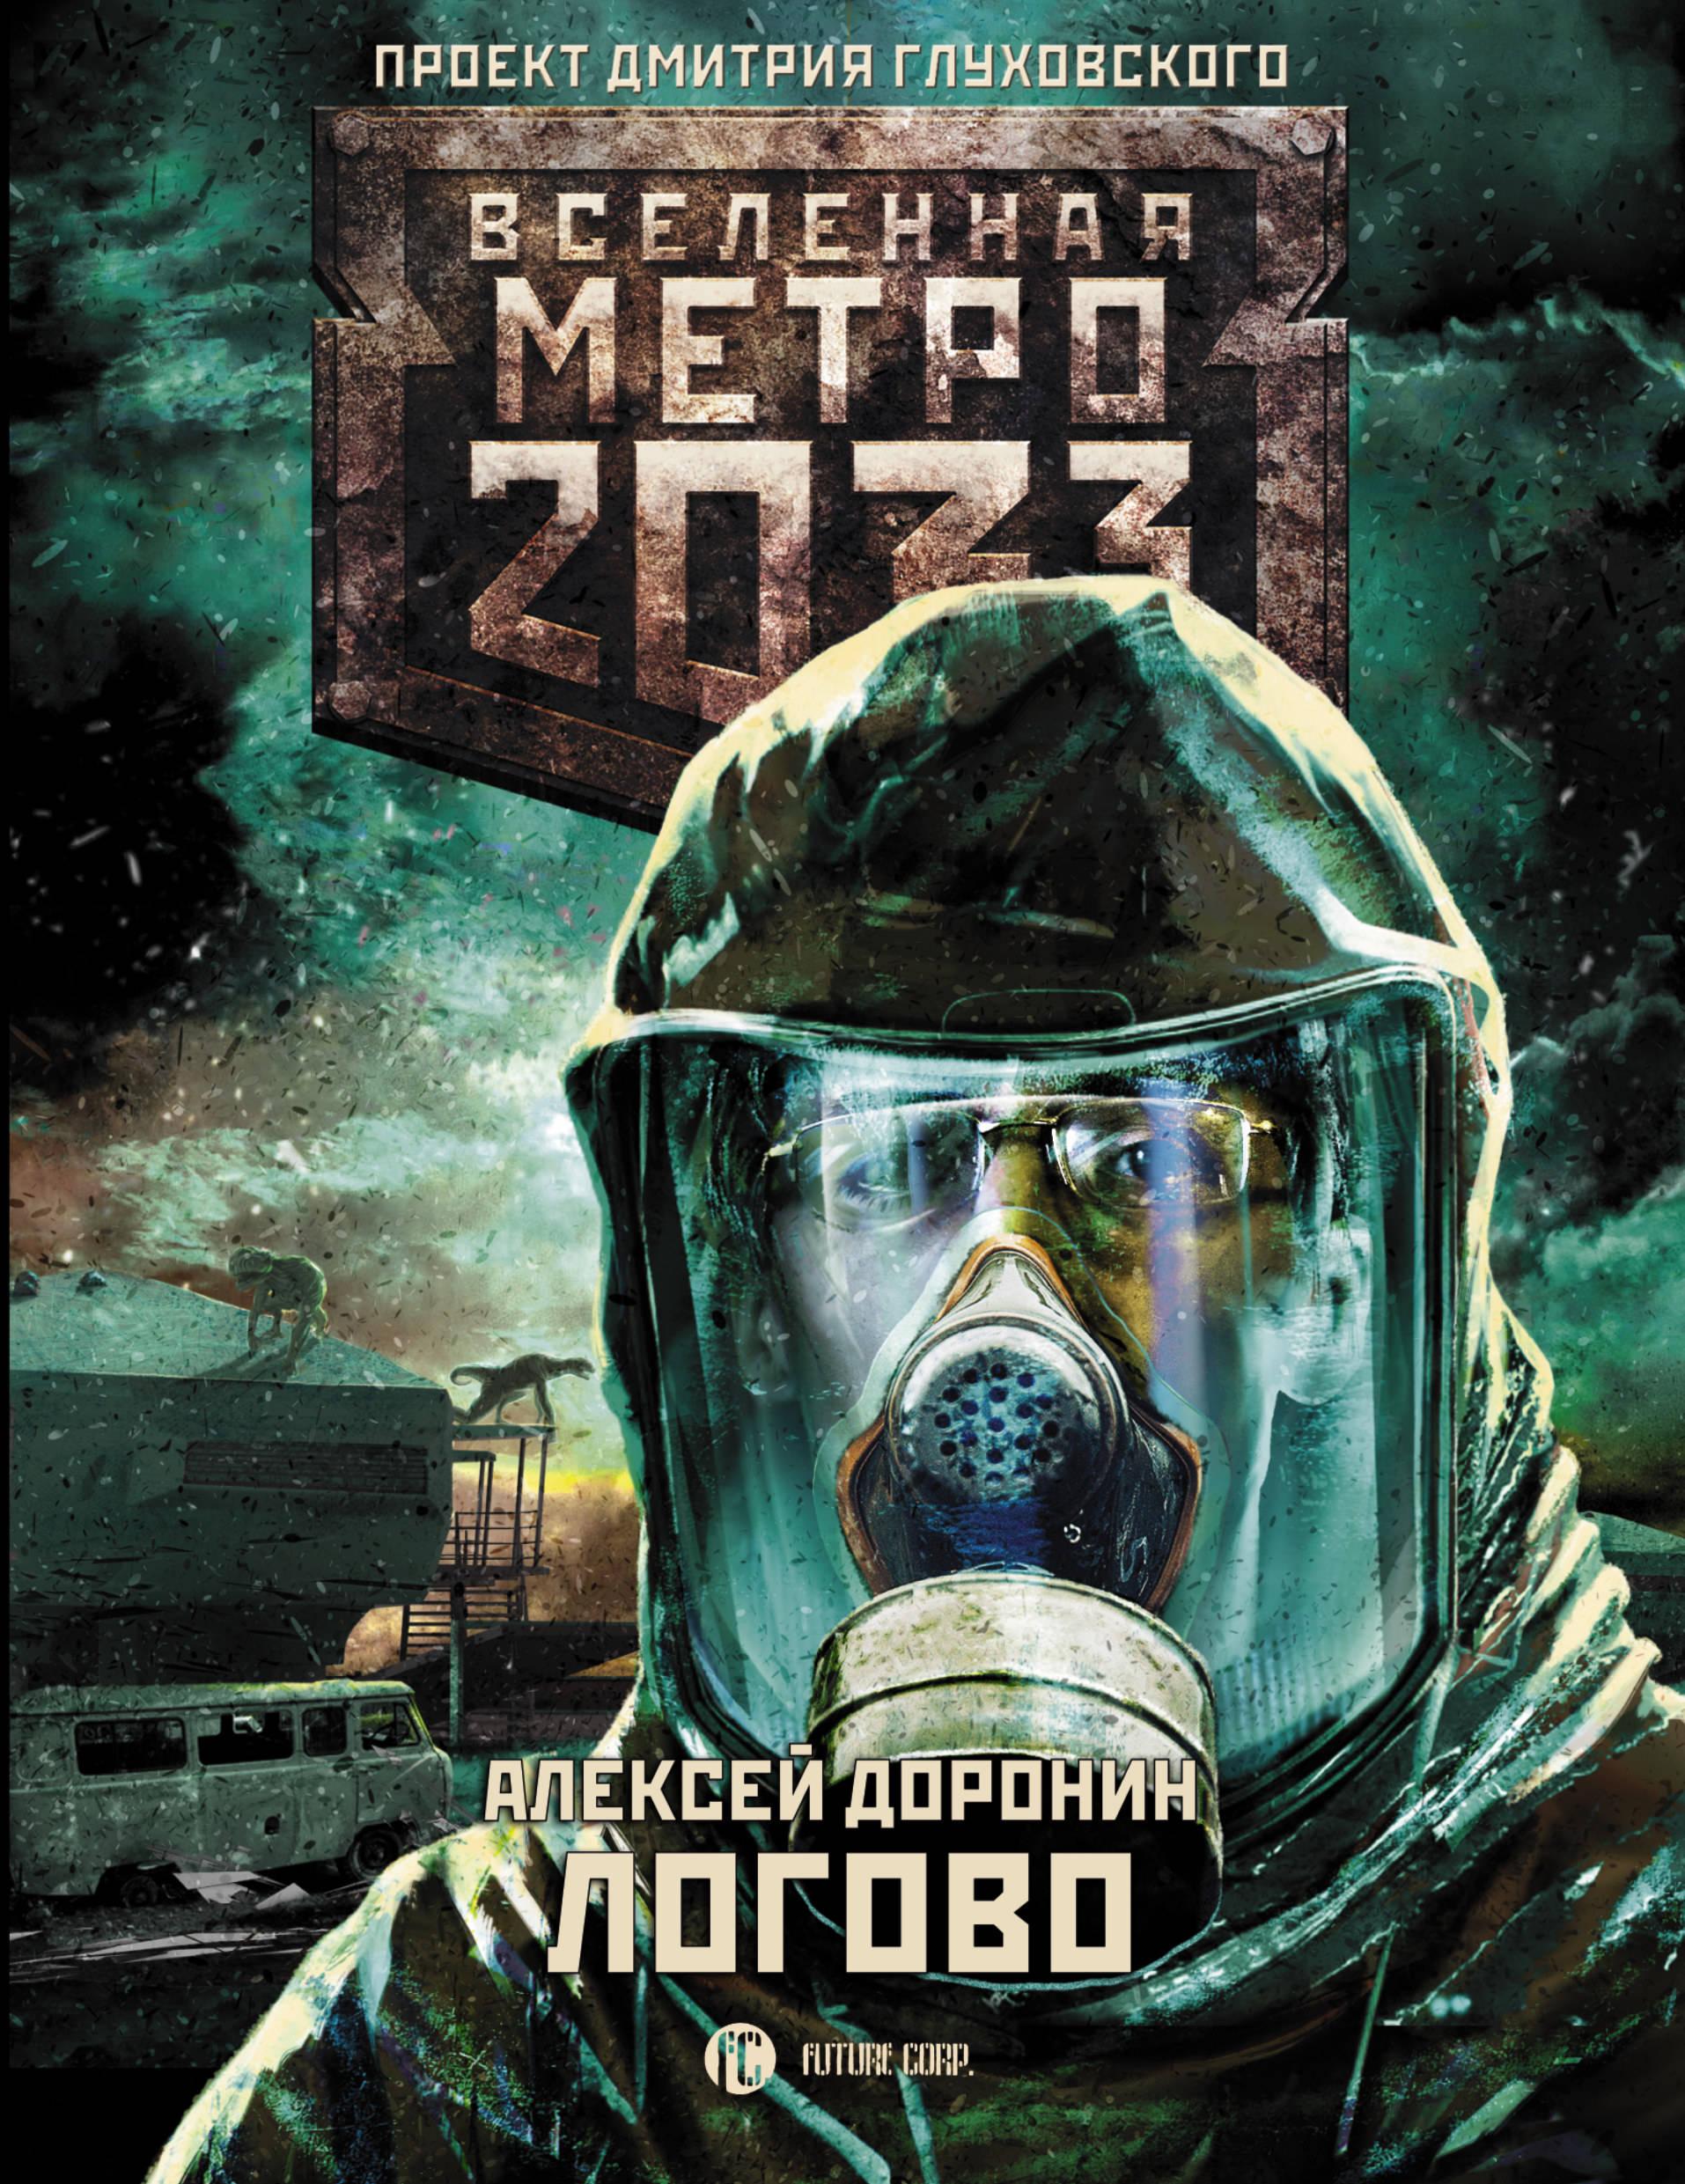 Алексей Доронин Метро 2033. Логово алексей доронин метро 2033 логово